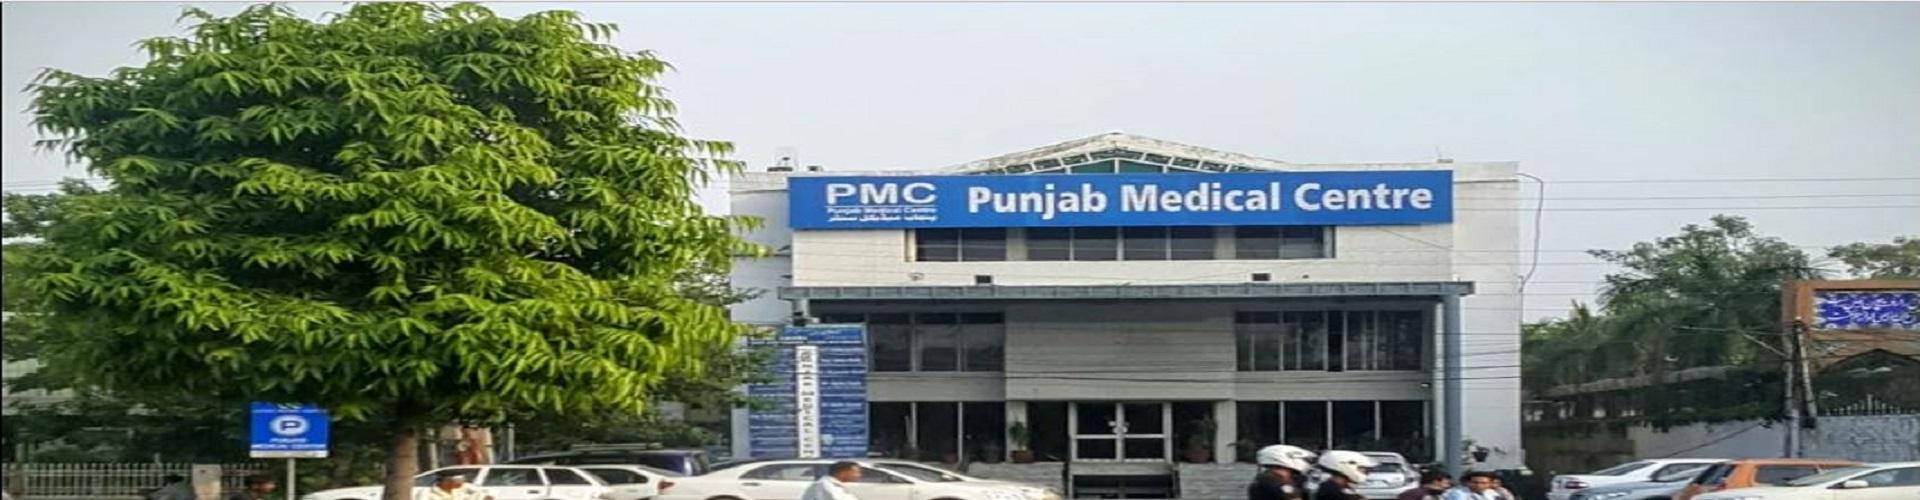 Punjab medical center front